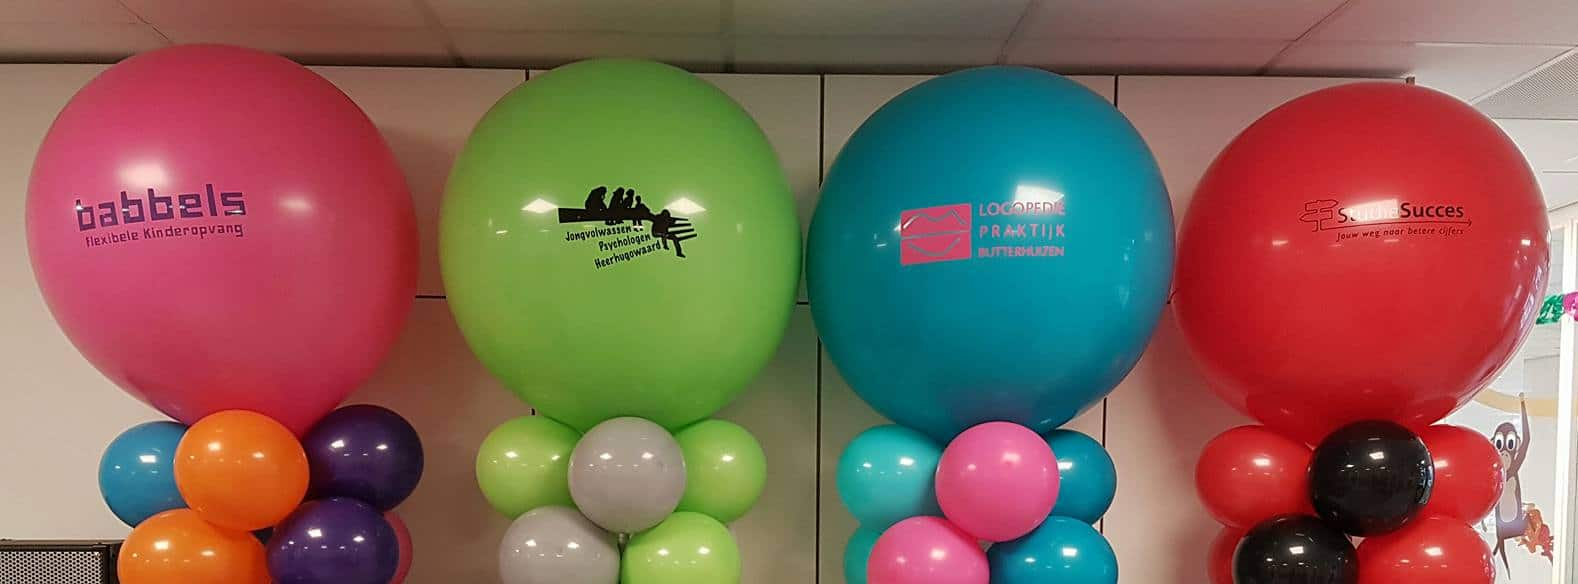 ballonpilaar-topballon-bedrukt-bedrijfslogo-De-Decoratieballon-Heerhugowaard-Babbels